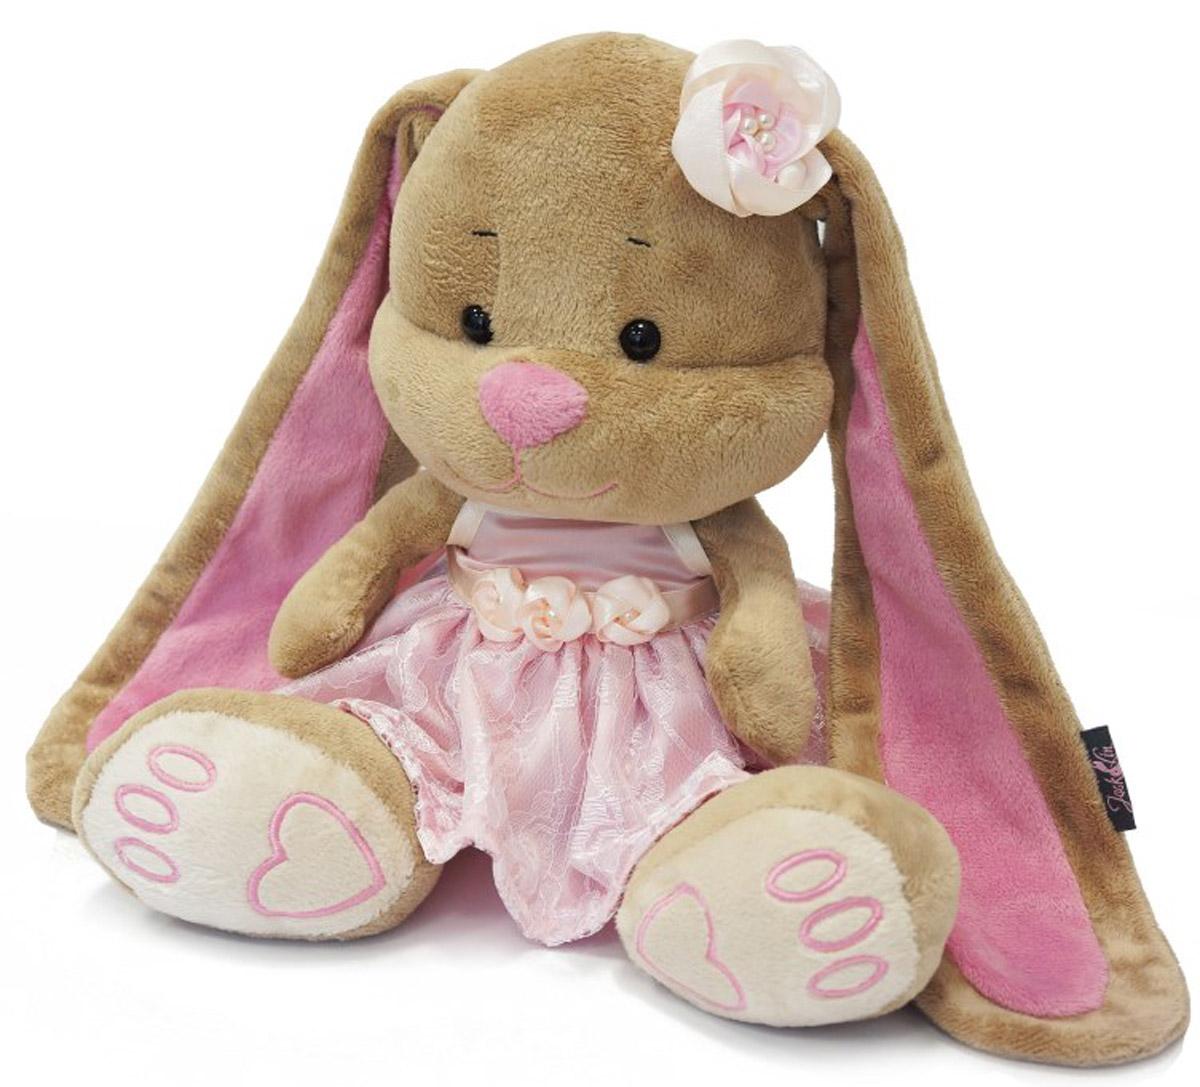 Maxi Toys Мягкая игрушка Зайка Лин в розовом платье 25 см игрушка jack and lin зайка лин черничный пуддинг jl 021 25